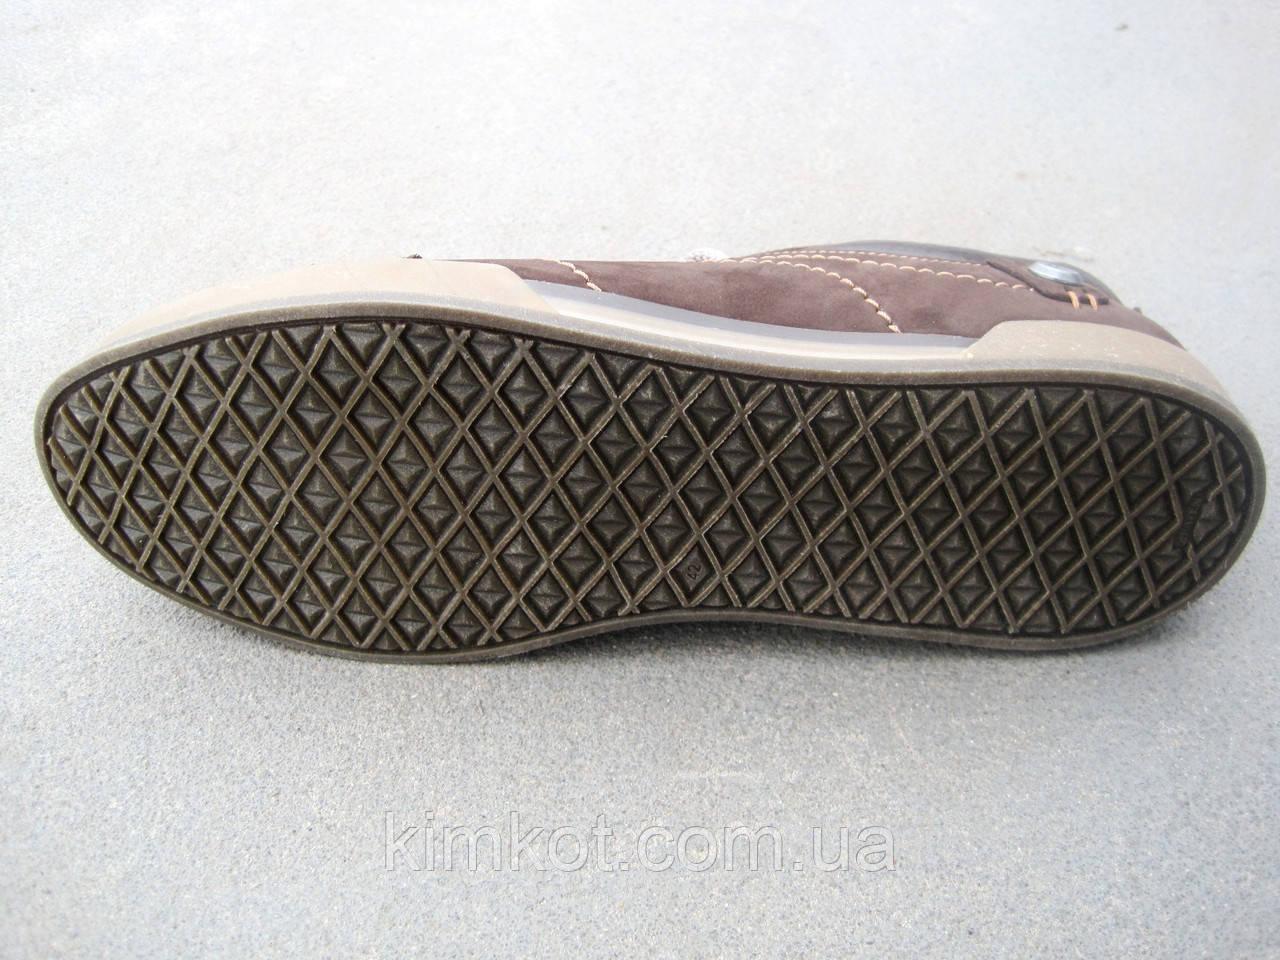 5c218abb7 Кроссовки -кеды мужские кожаные KARDINAL 40 -45 р-р, цена 750 грн., купить  в Харькове — Prom.ua (ID#507471378)